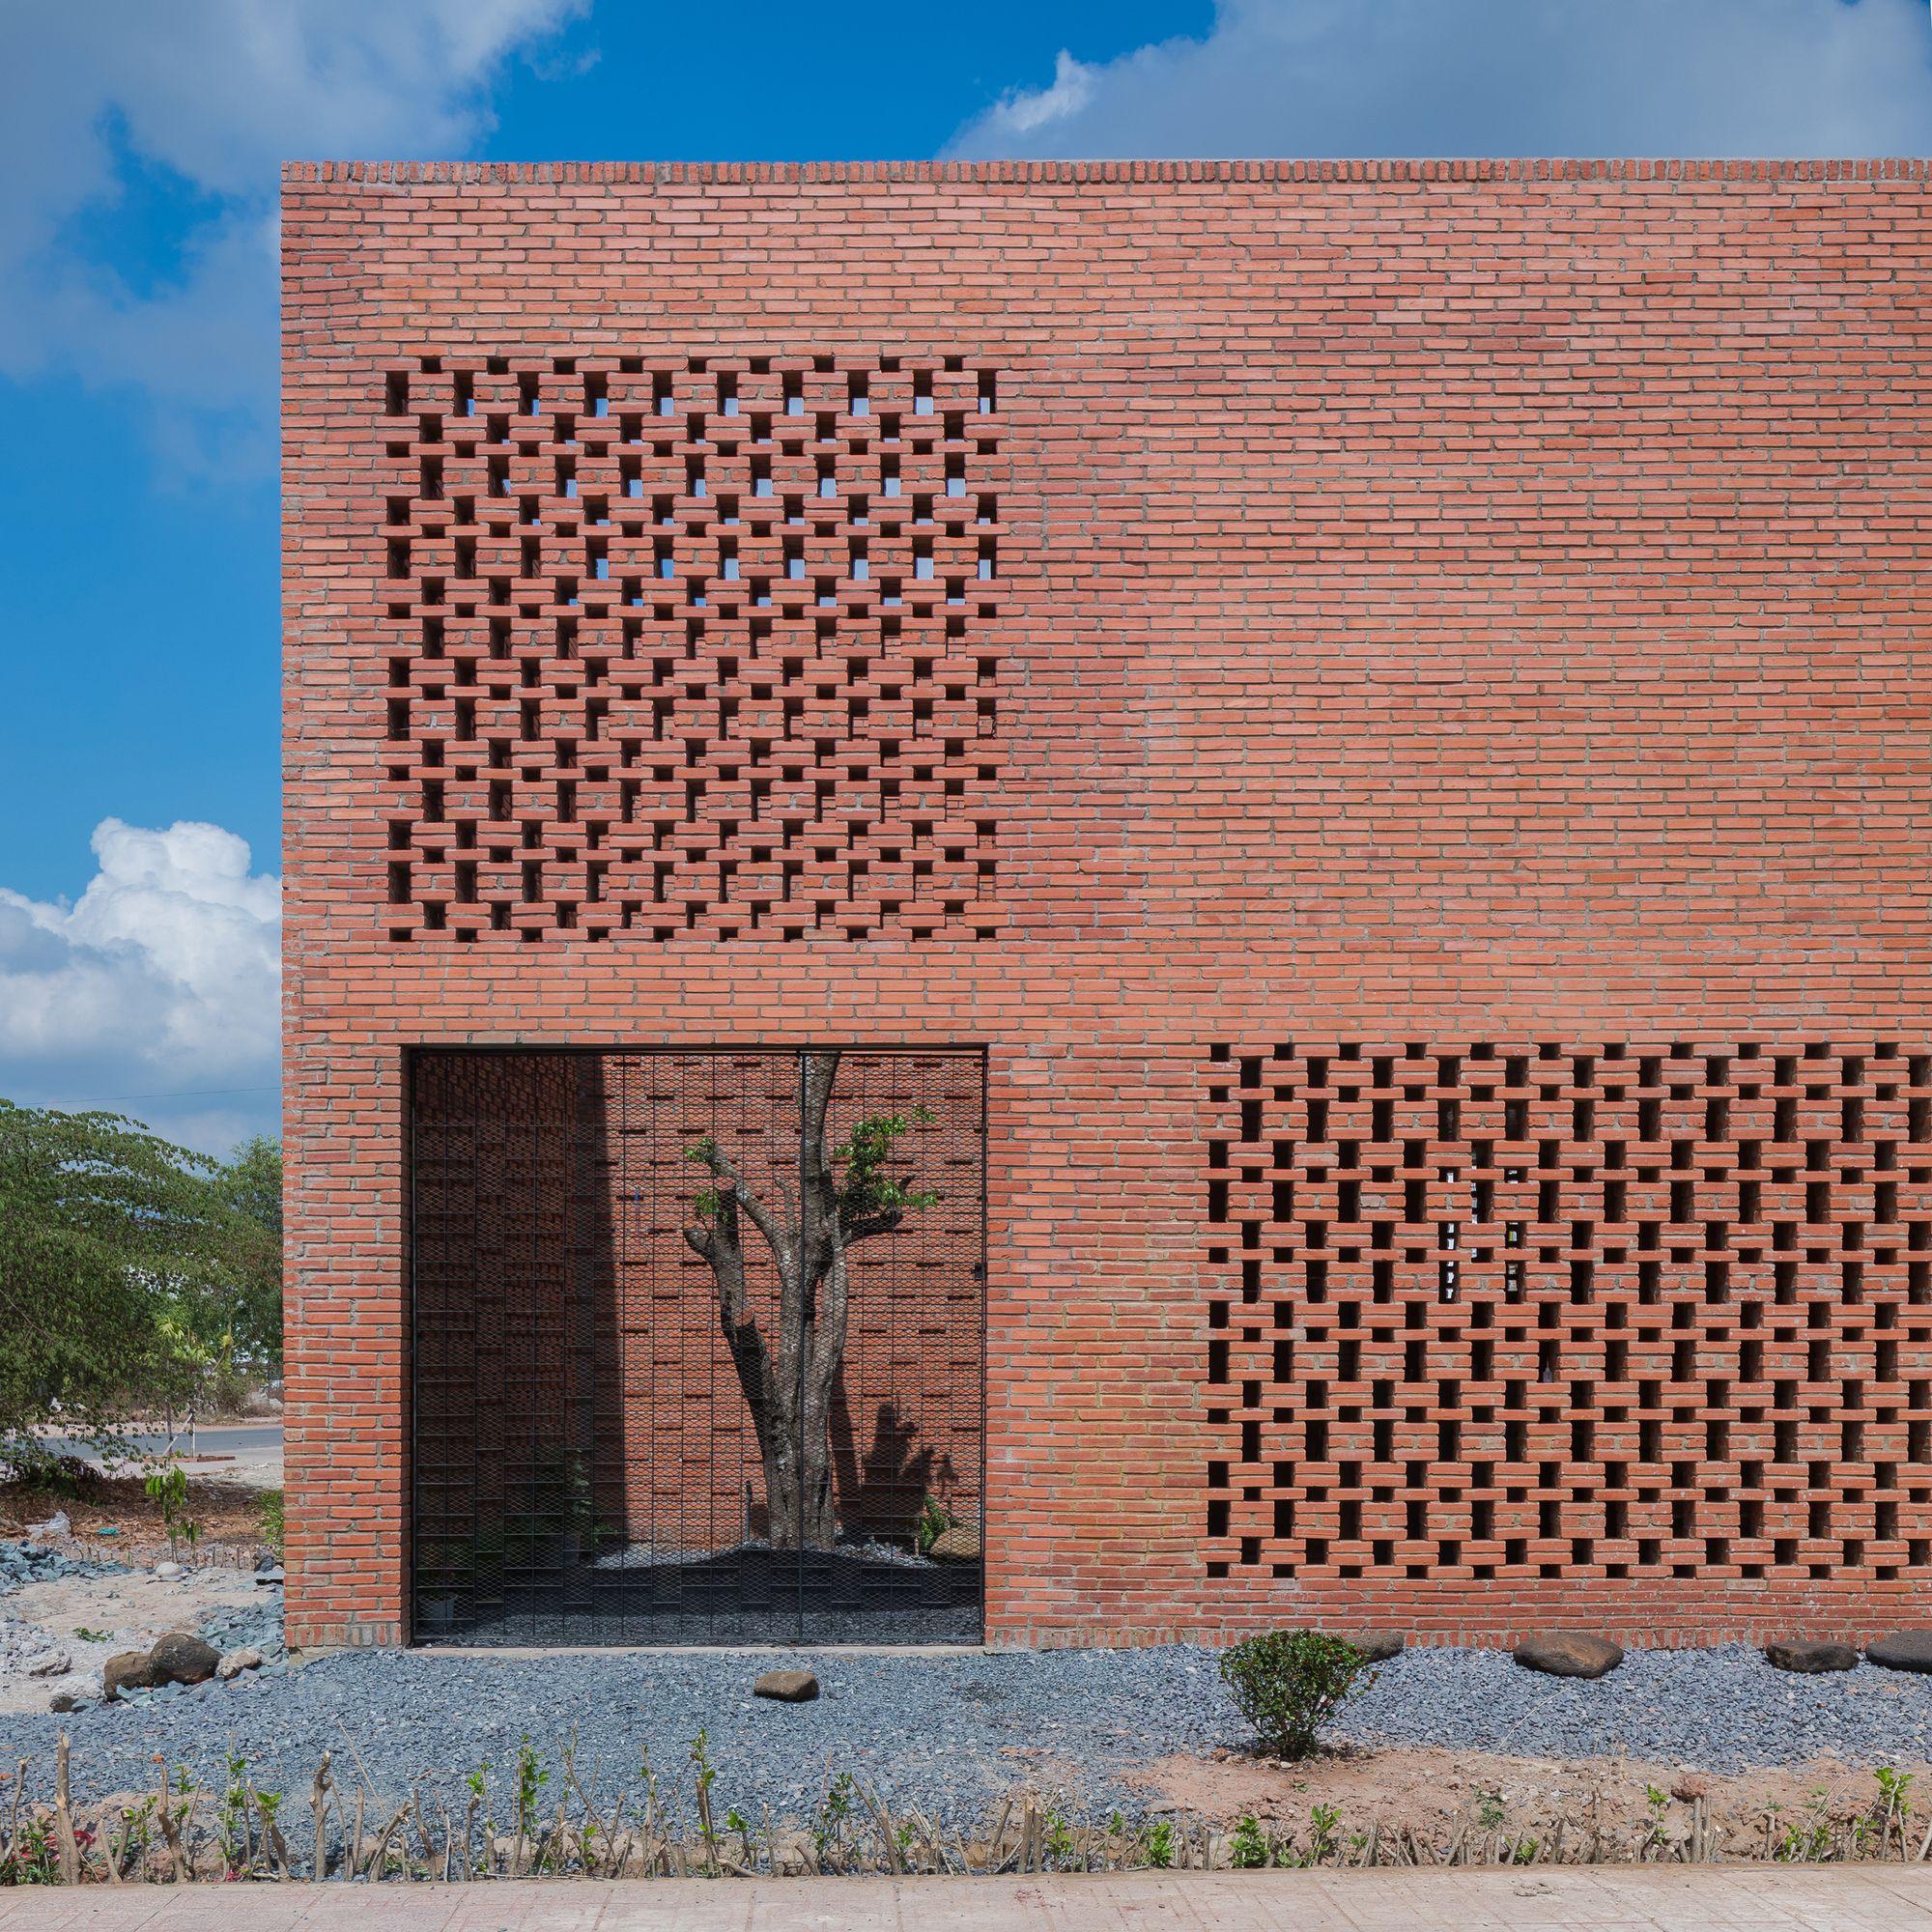 Haus Design, Ziegelwände, Mauerwerk, Kleine Häuser, Kleine Räume,  Außenbereich, Tropisch, Architektur, Arquitetura